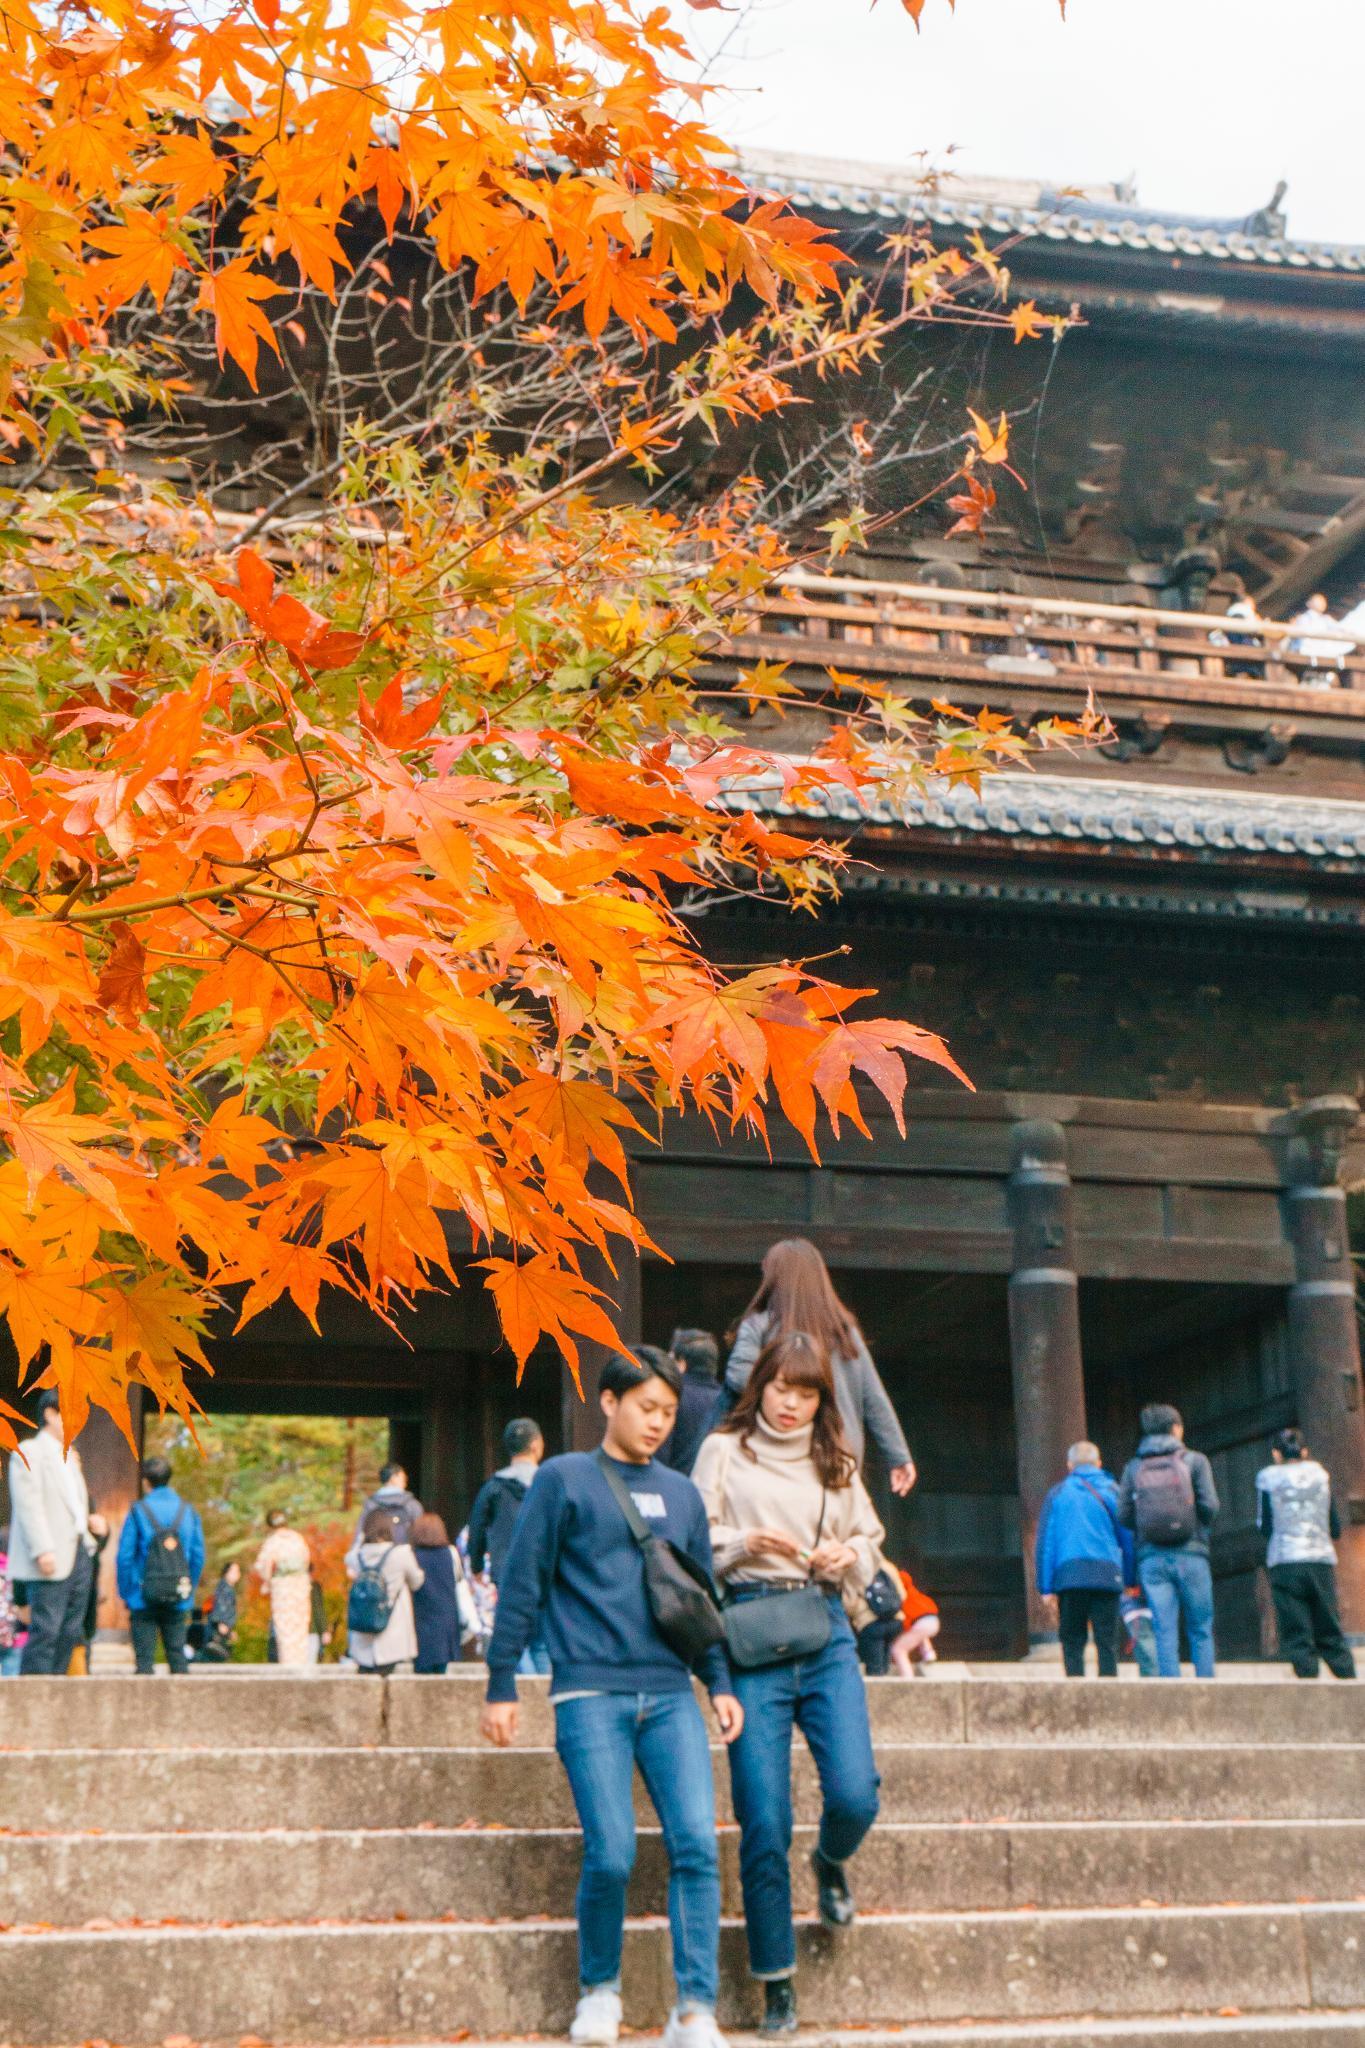 【京都】秋光葉影的古寺散策 - 南禪寺 80